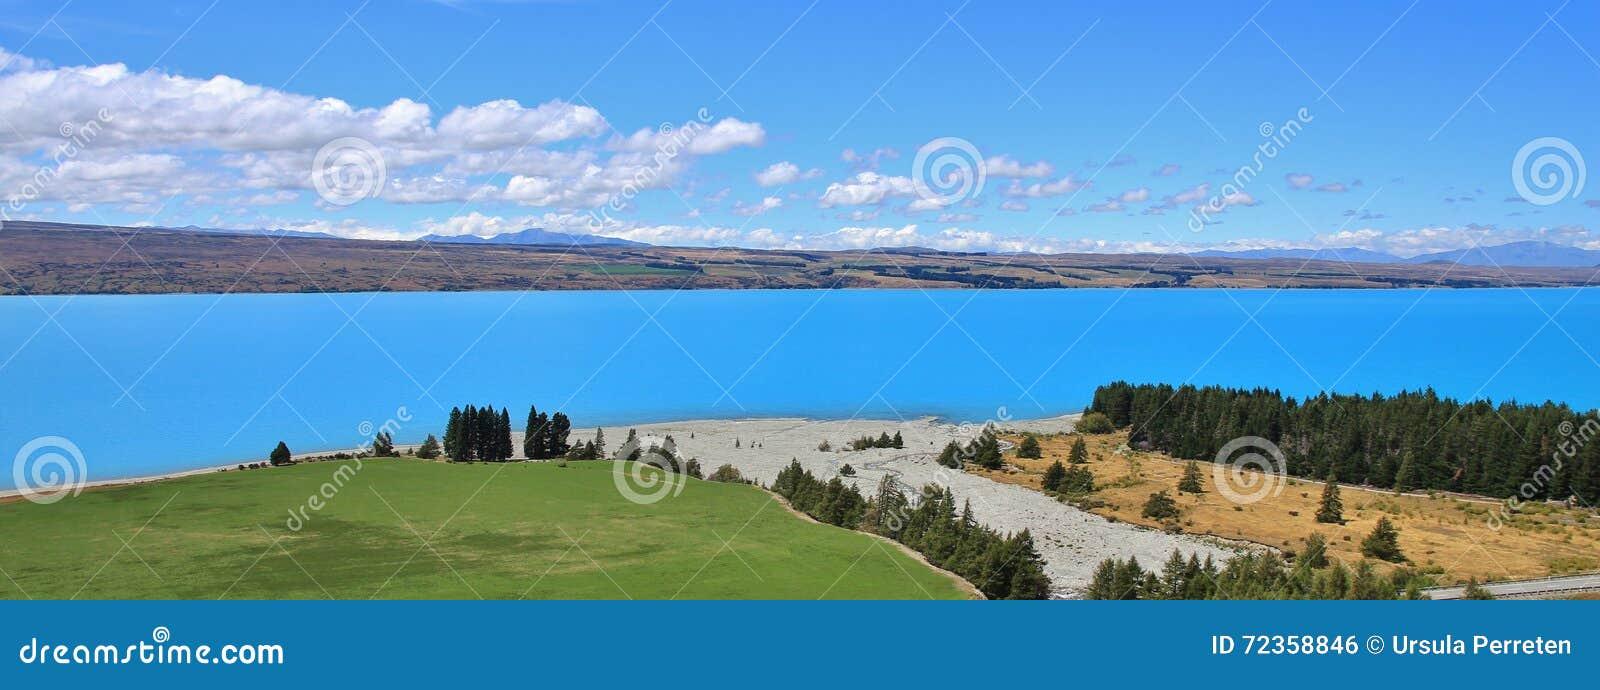 绿松石普卡基湖和河三角洲